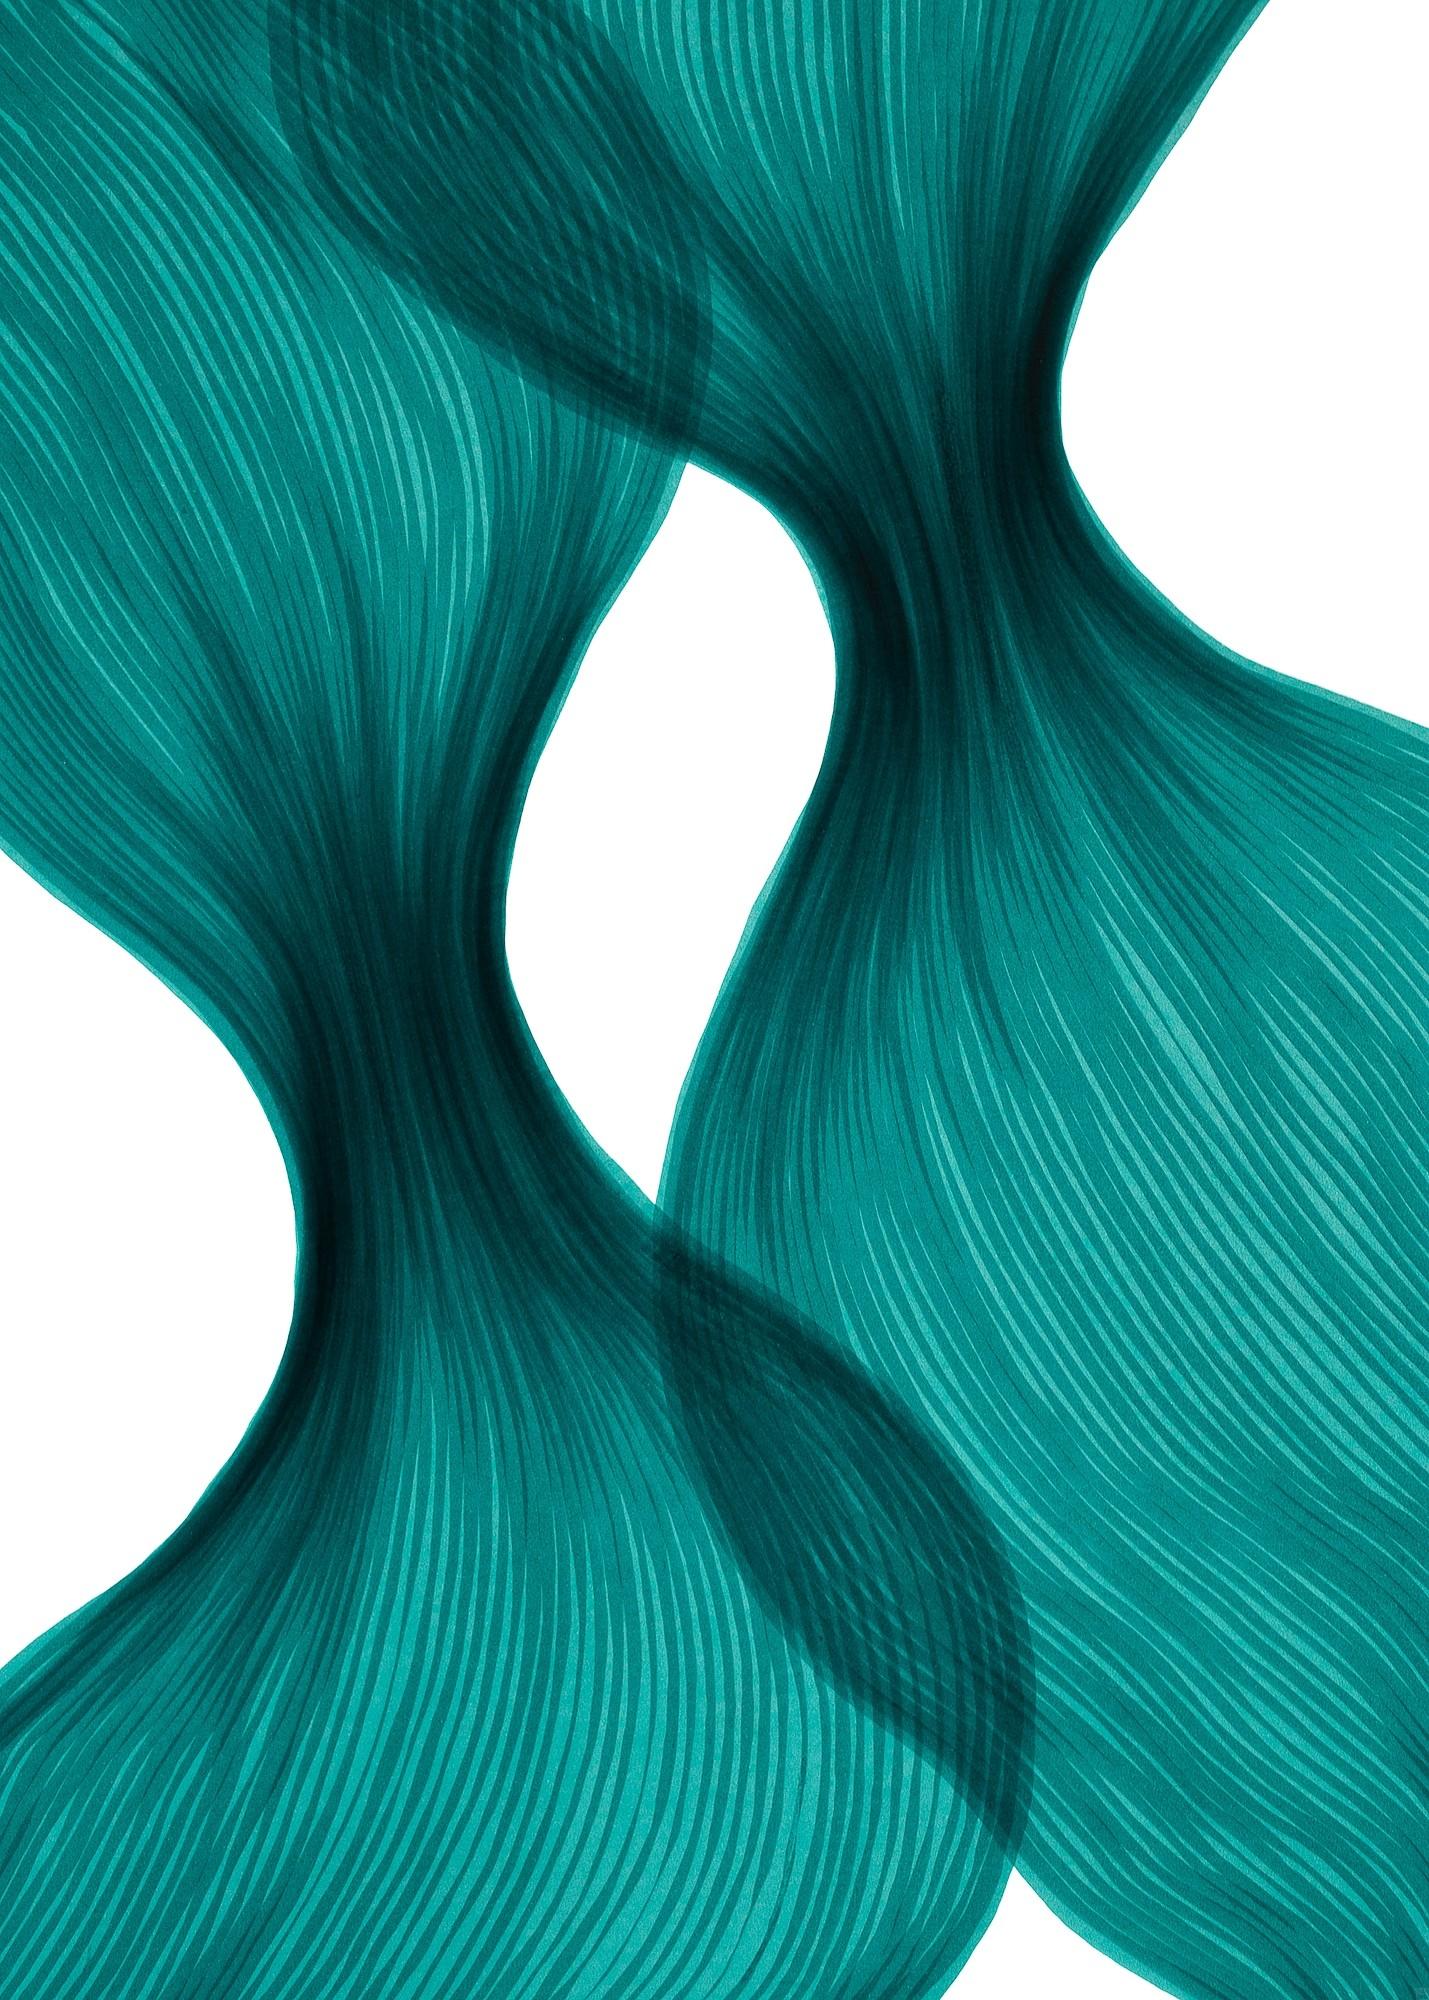 Aqua Dawn Sheer Folds | Lali Torma | Zeichnung | Kalligraphietusche auf Papier, Detail